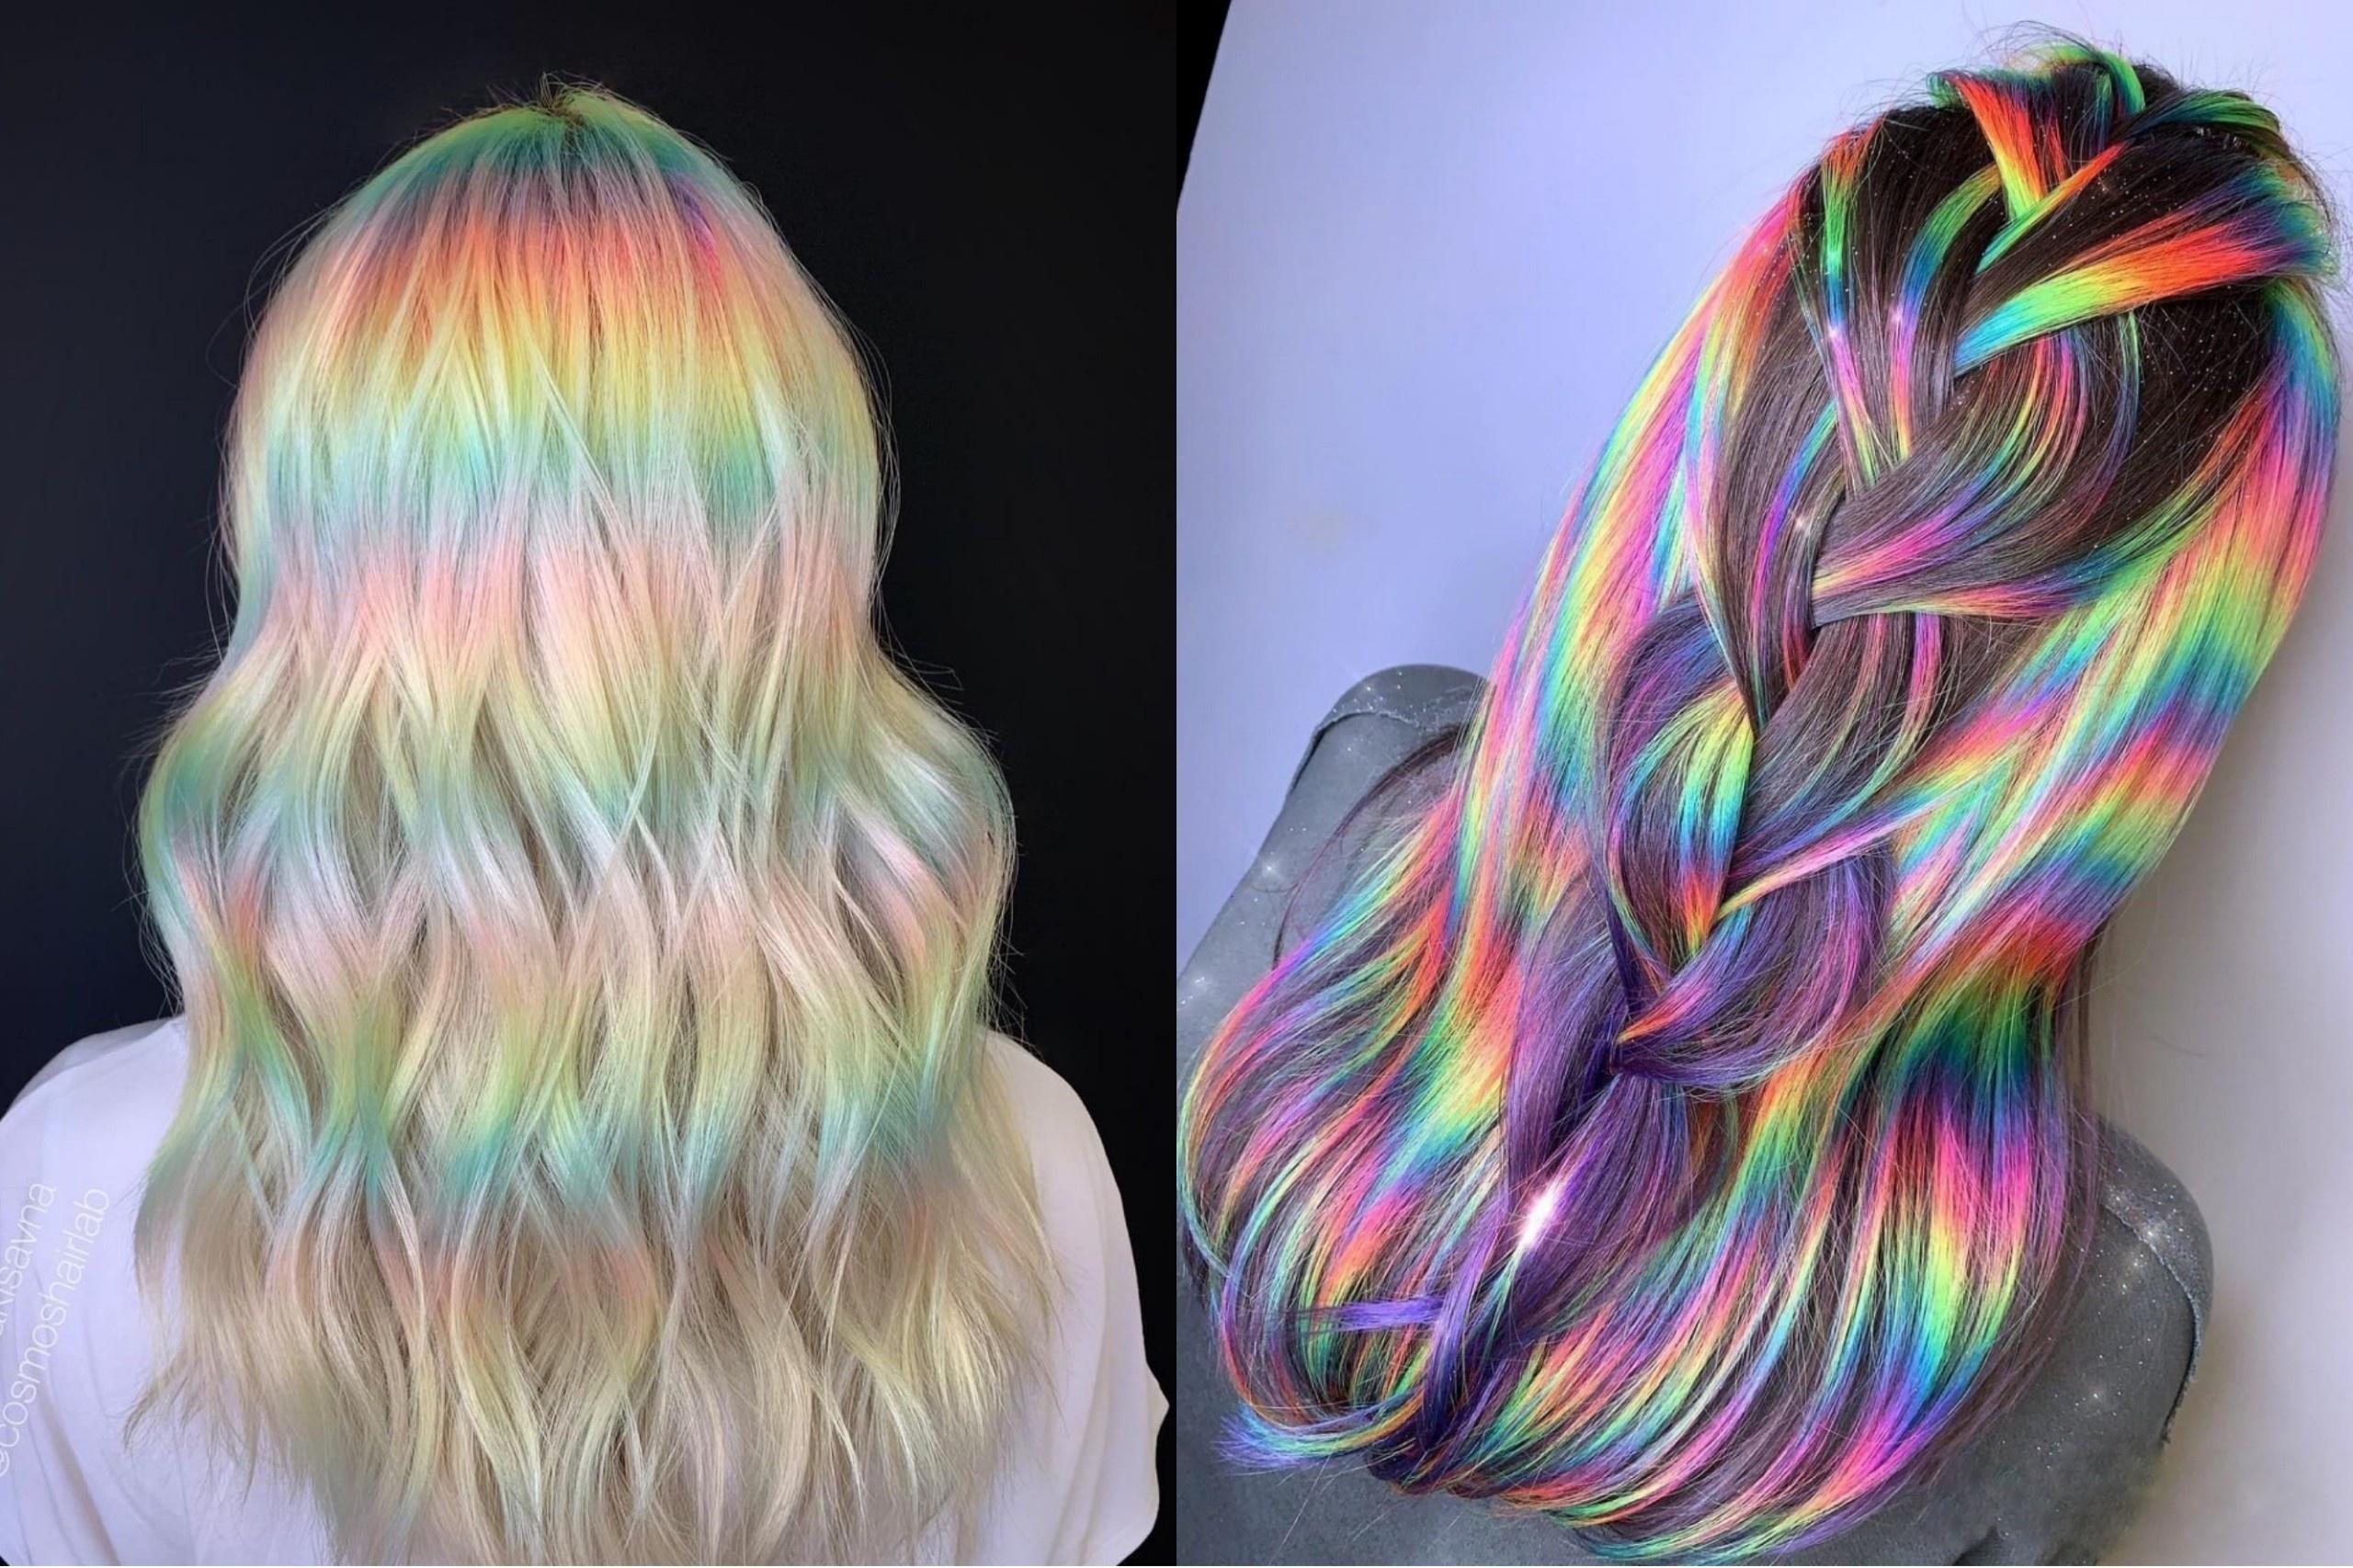 Nhà tạo mẫu tóc nổi tiếng với kiểu nhuộm cầu vồng